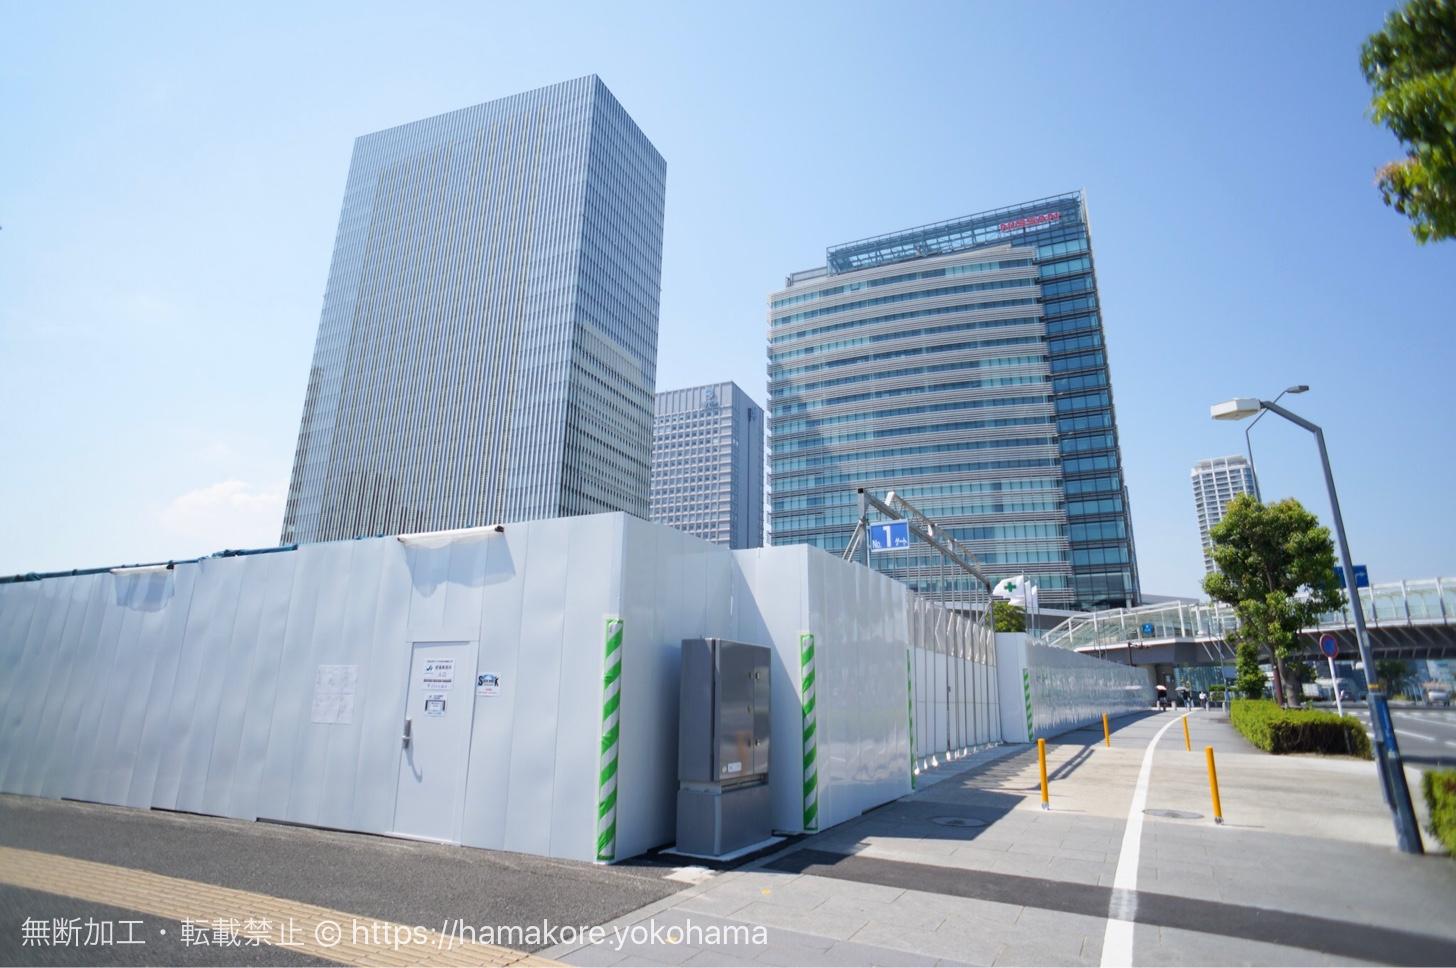 京急本社の移転先みなとみらい 56-1街区 工事の覆い開始!京急ミュージアムも併設